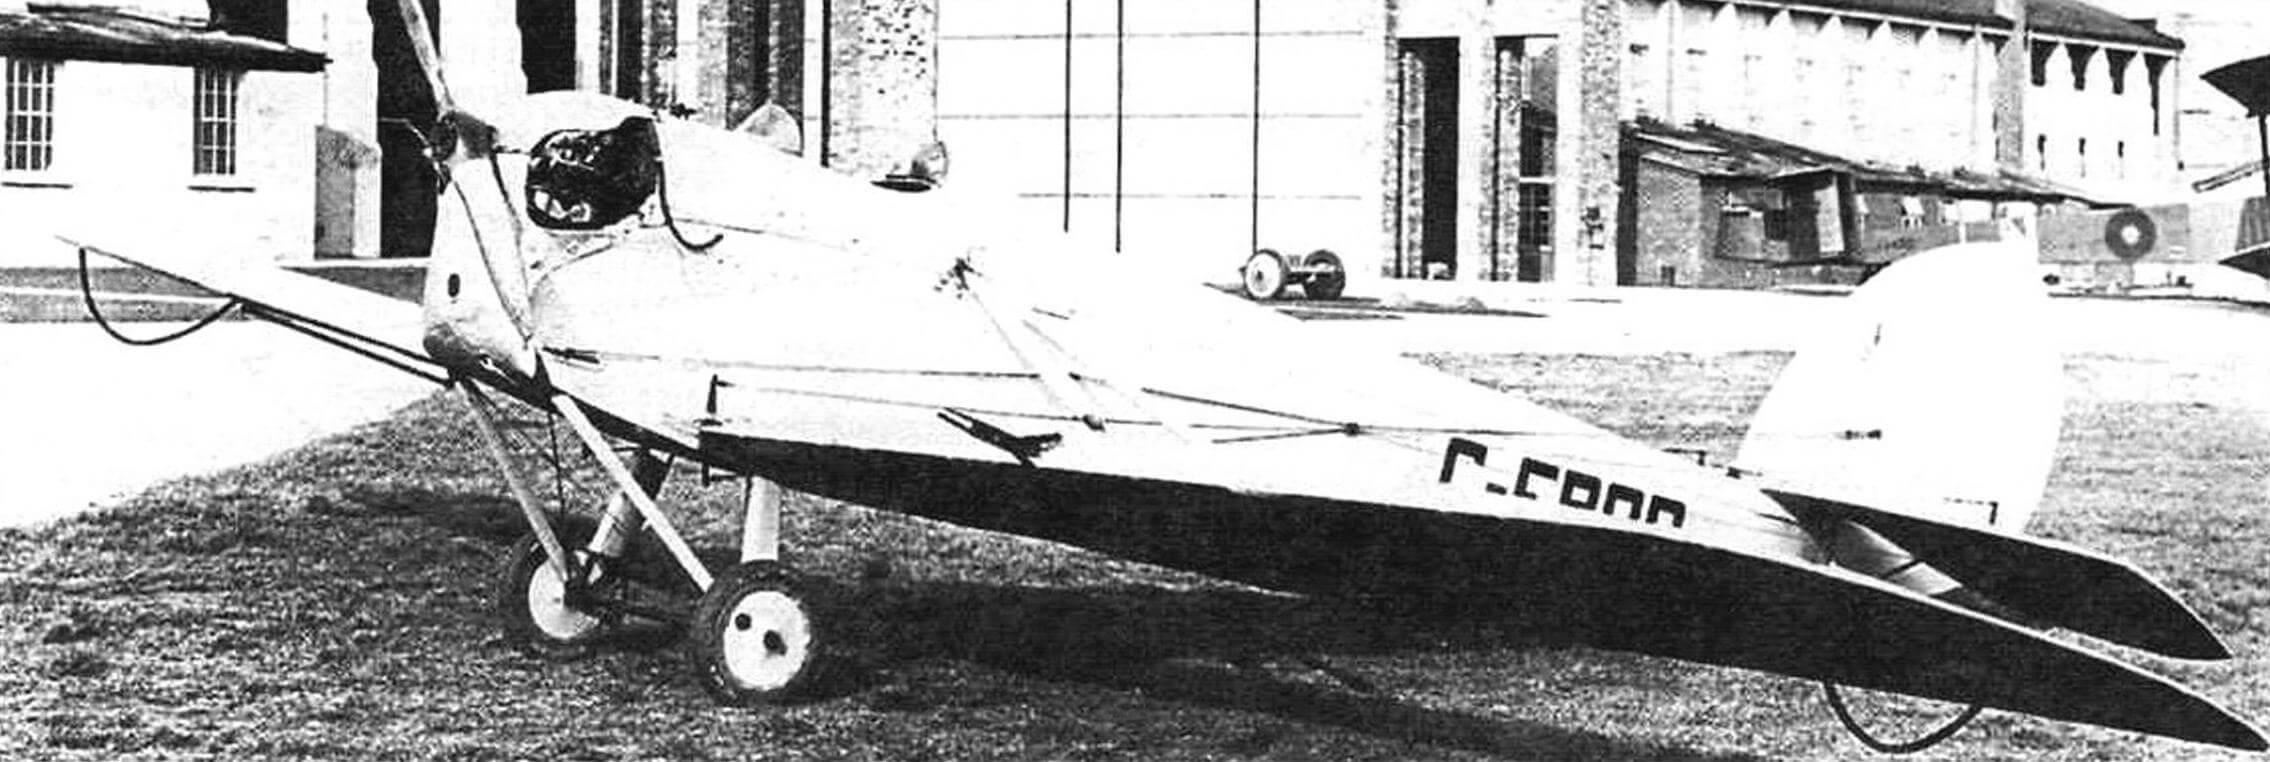 DH.53, поднимавшийся в воздух на дирижабле R-33